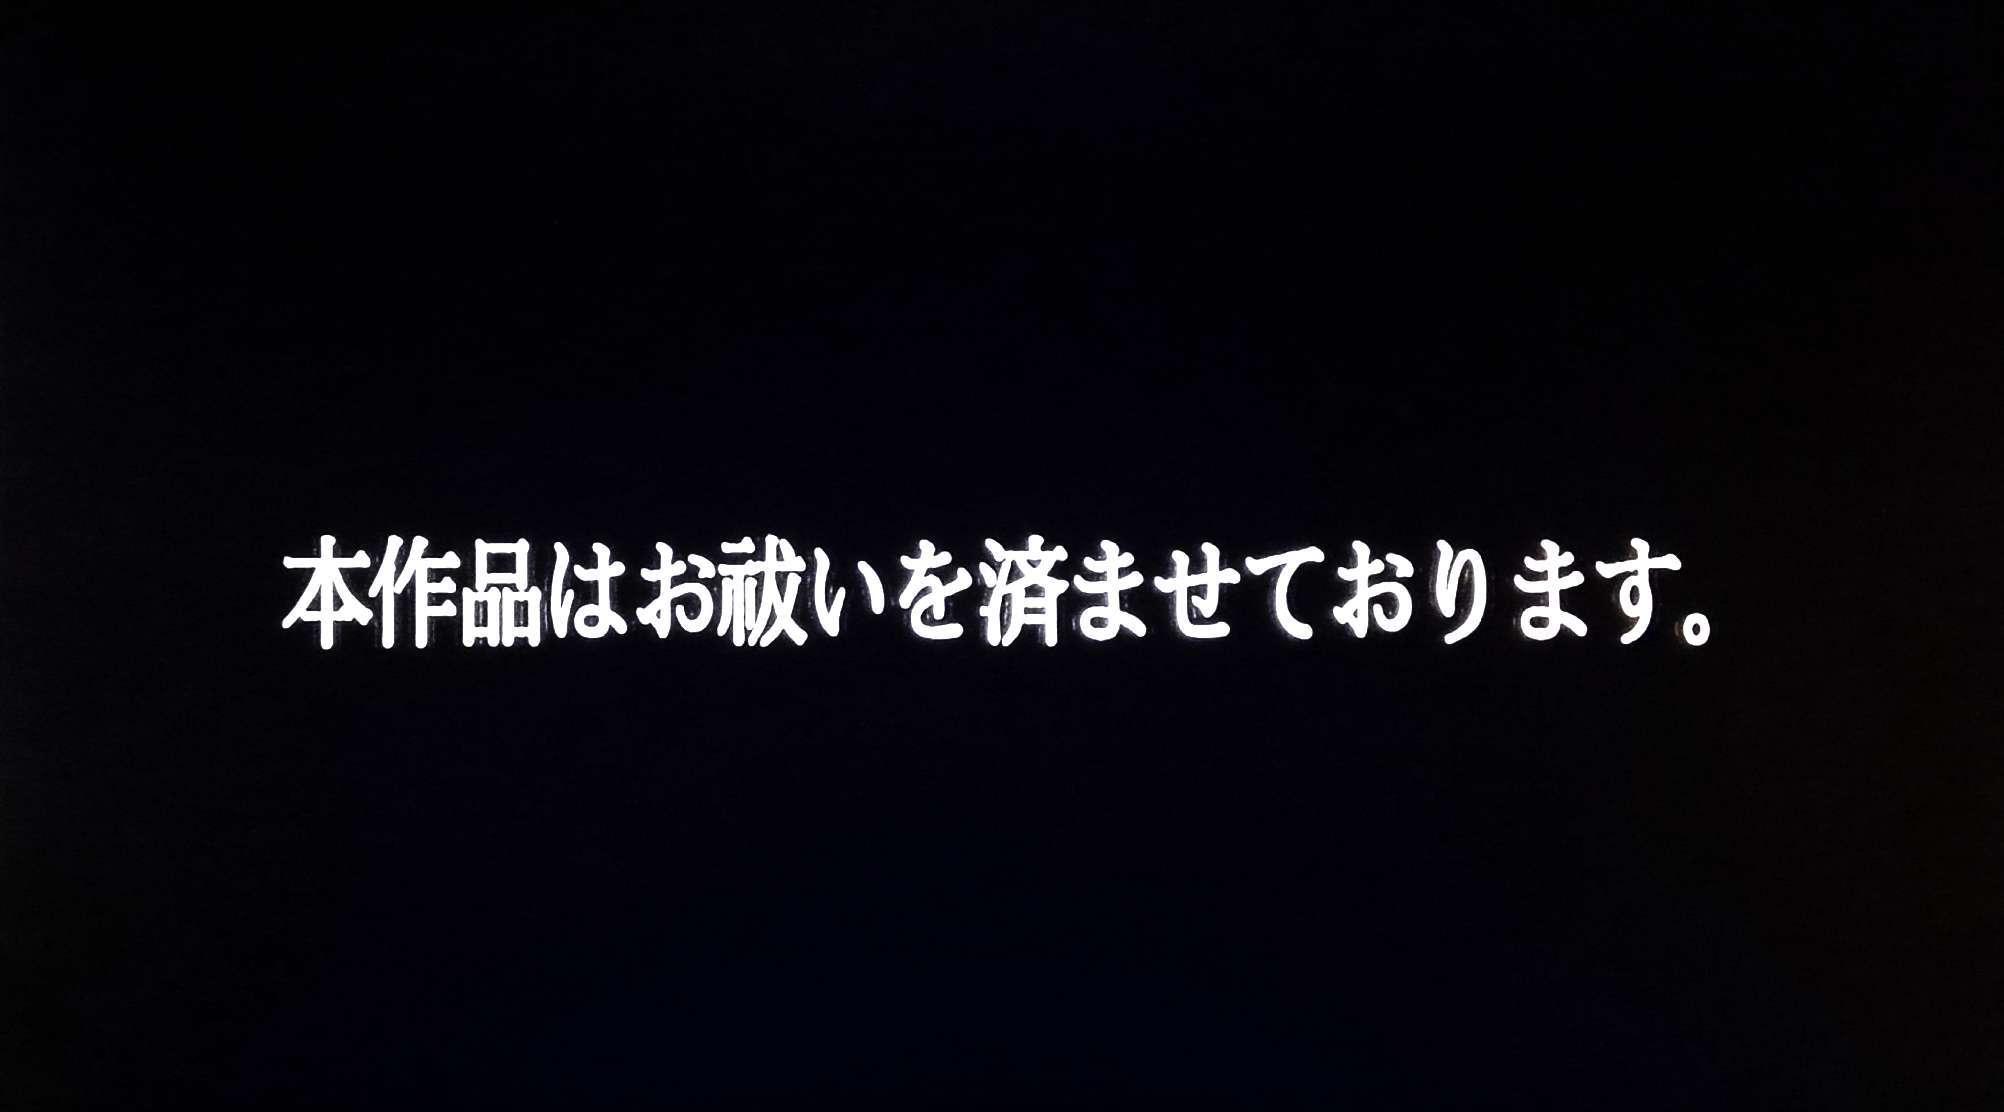 「爆発物は仕掛けられていません」 ナムコ製ゲームソフトの注意書きは遊び心満載だった